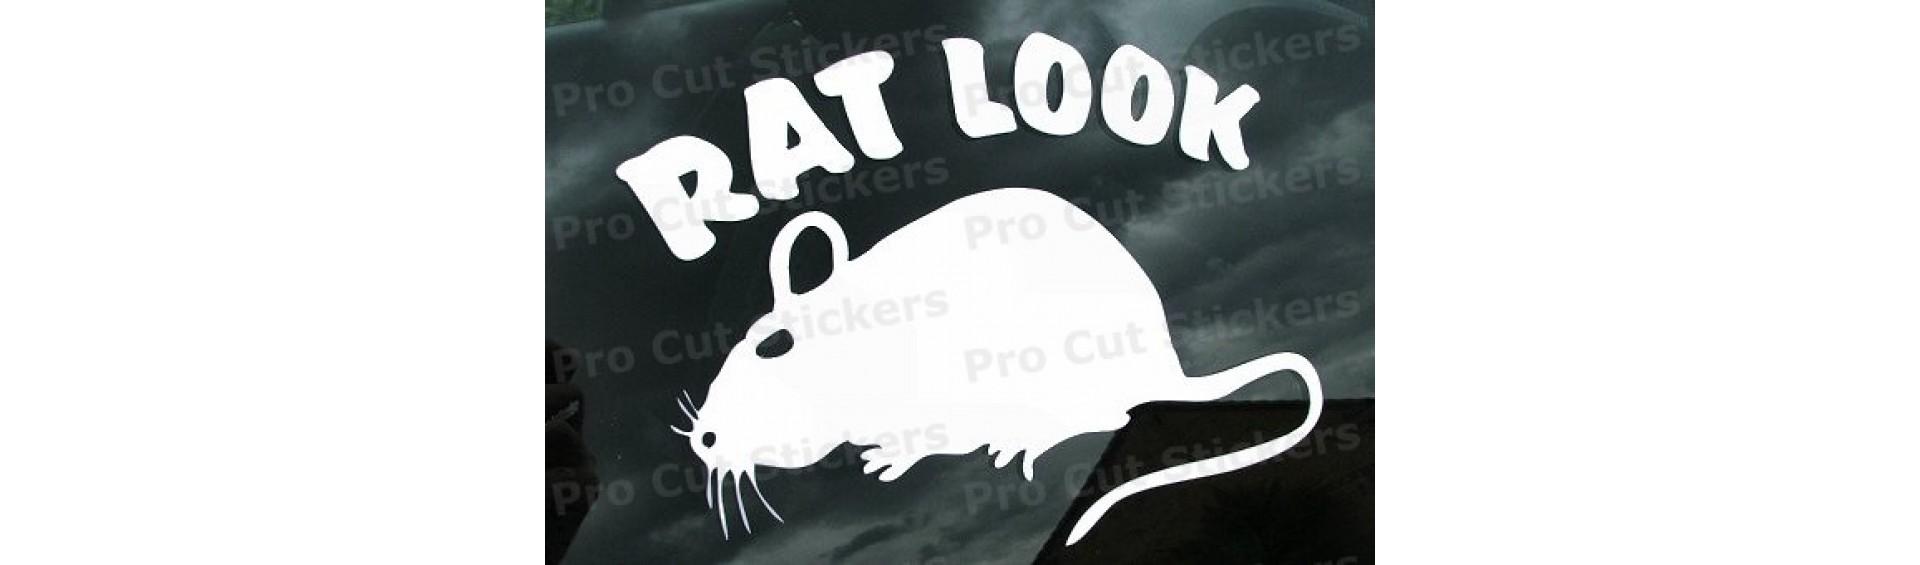 Rat Look Stickers